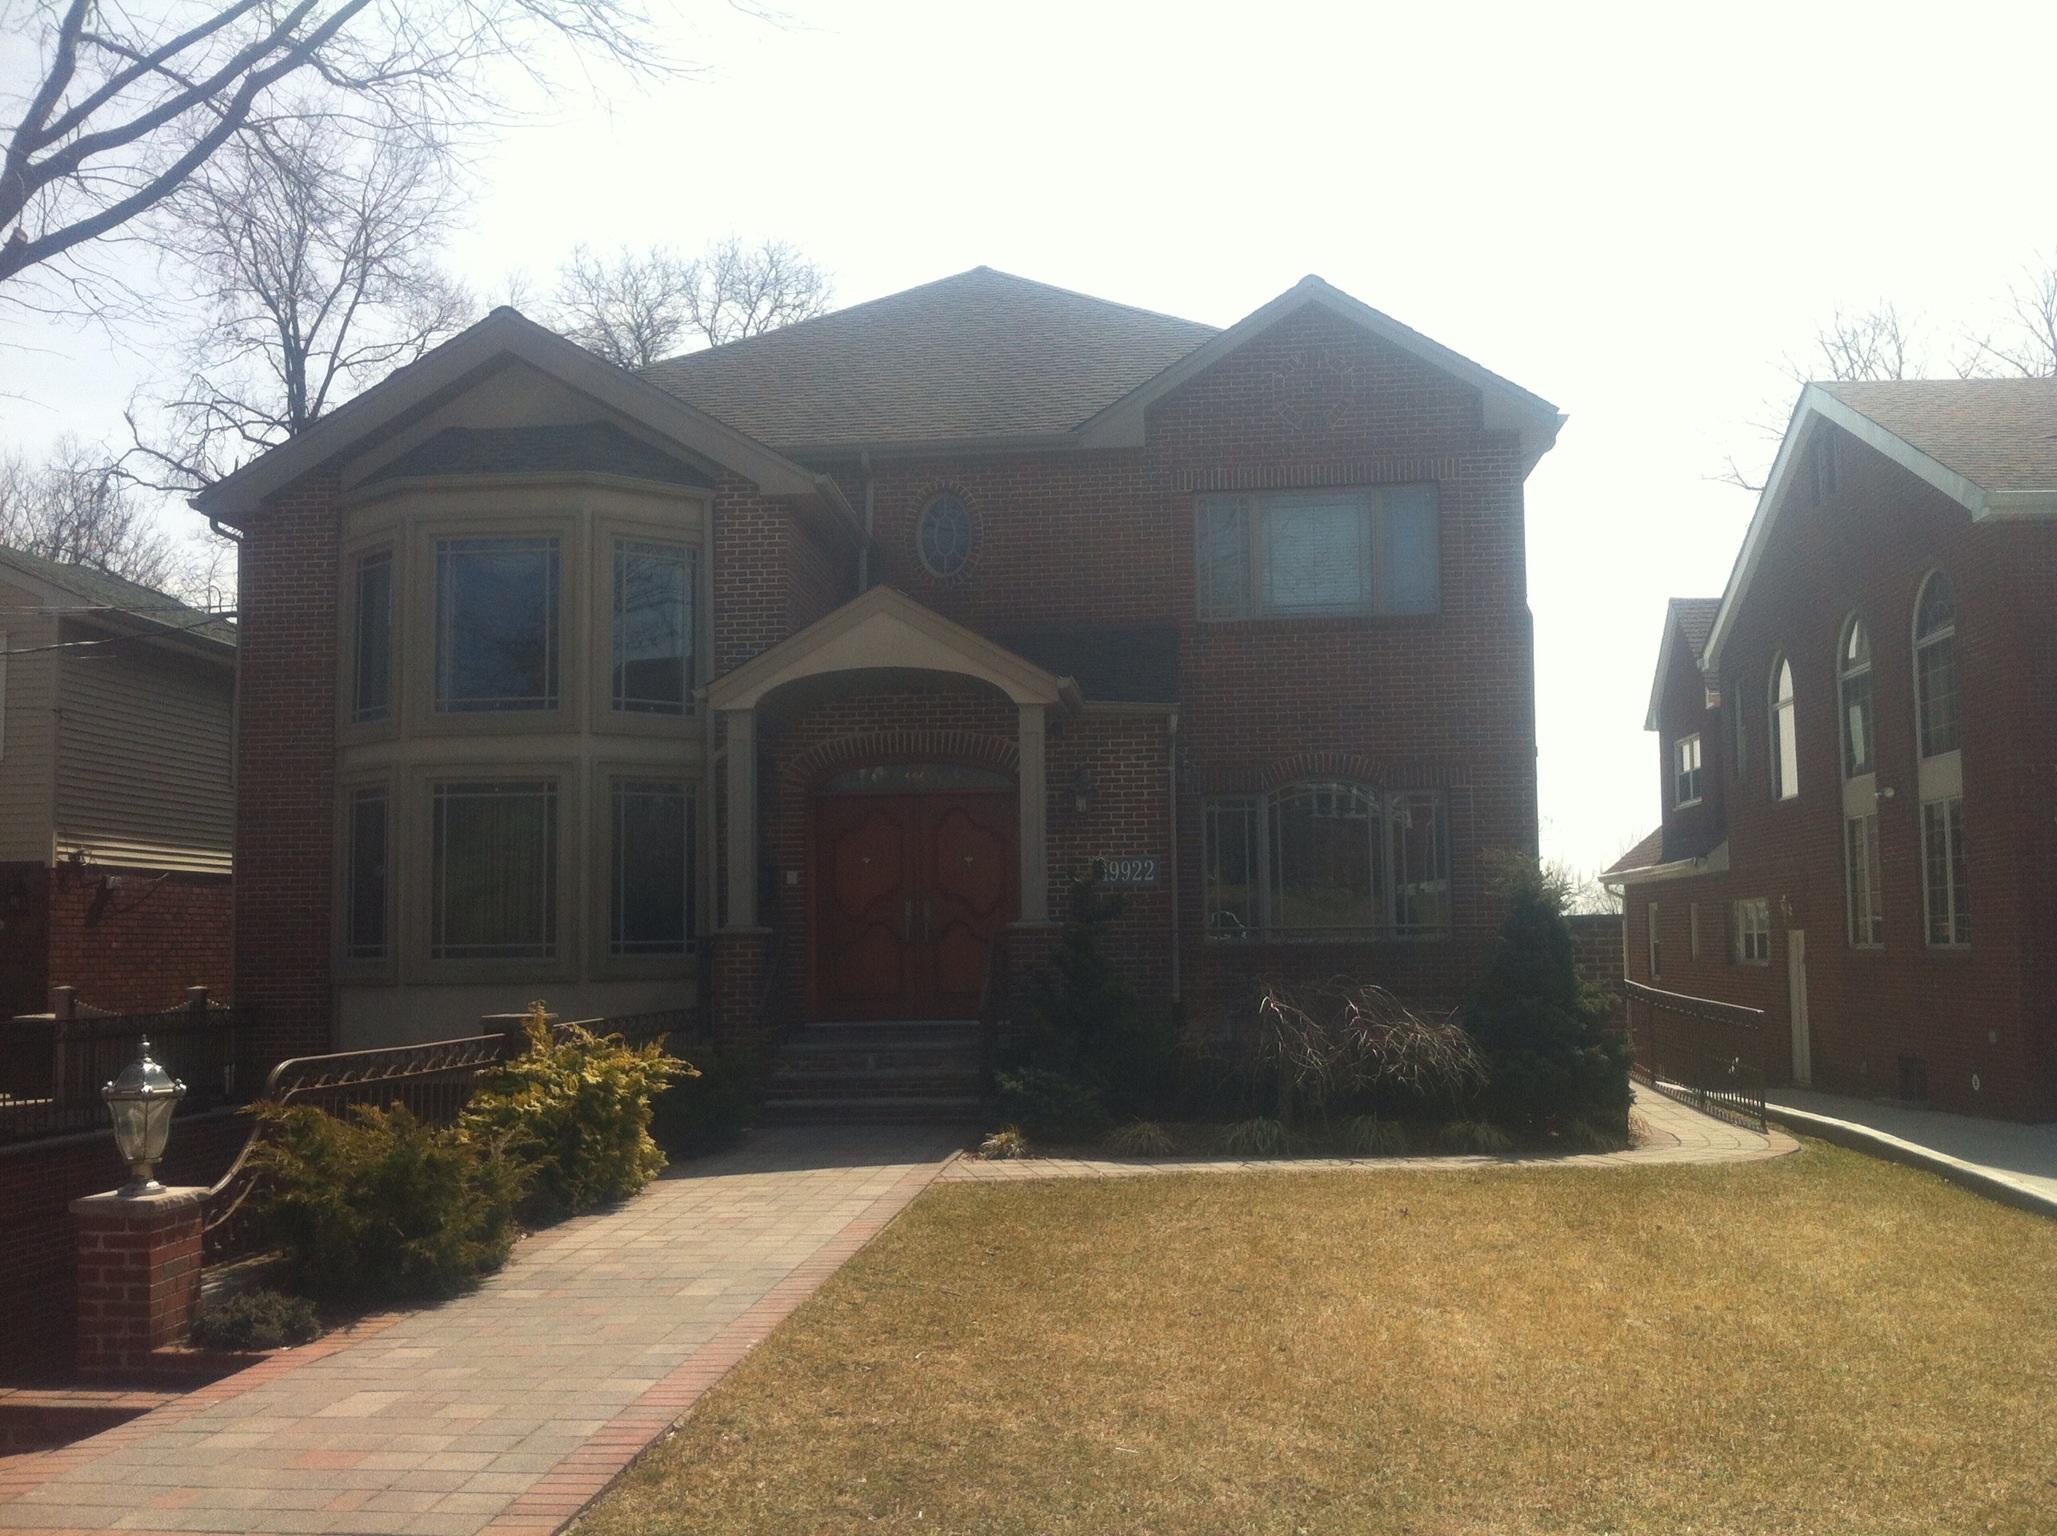 Bid home improvement project